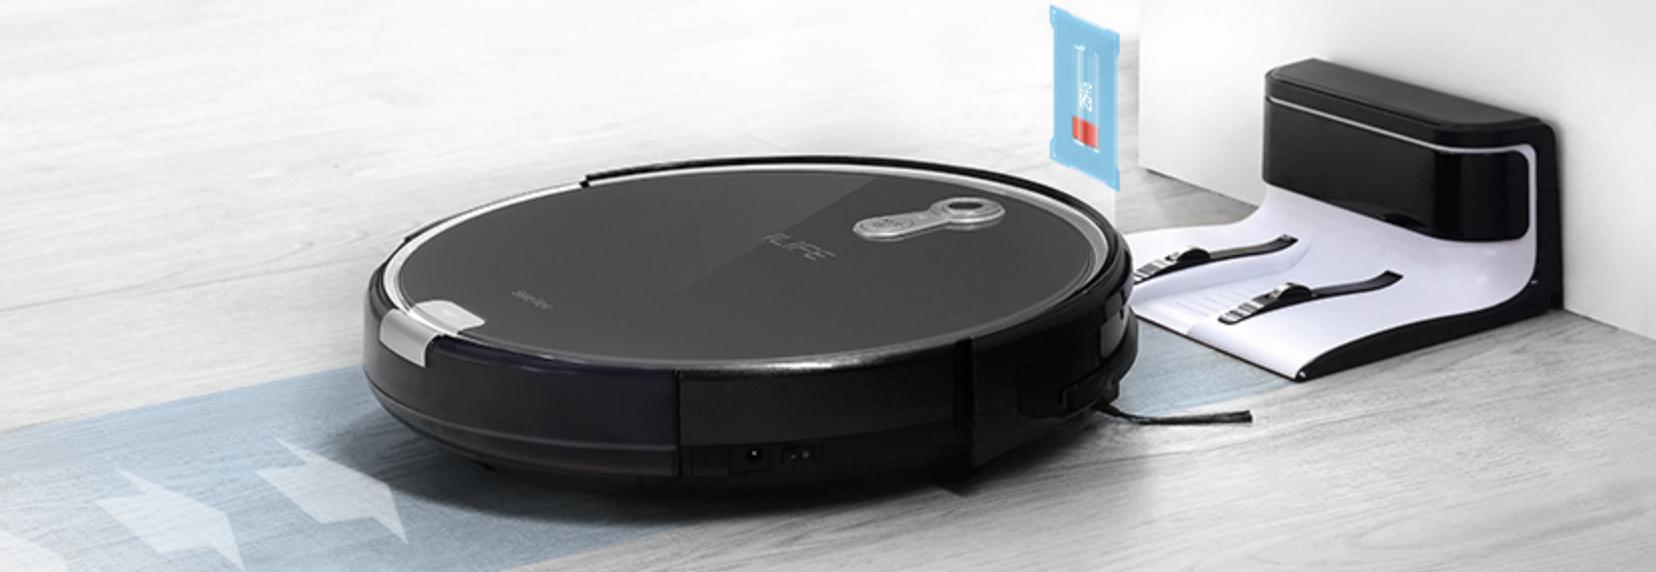 Jaki robot sprzątający z funkcją mapowania pomieszczeń?